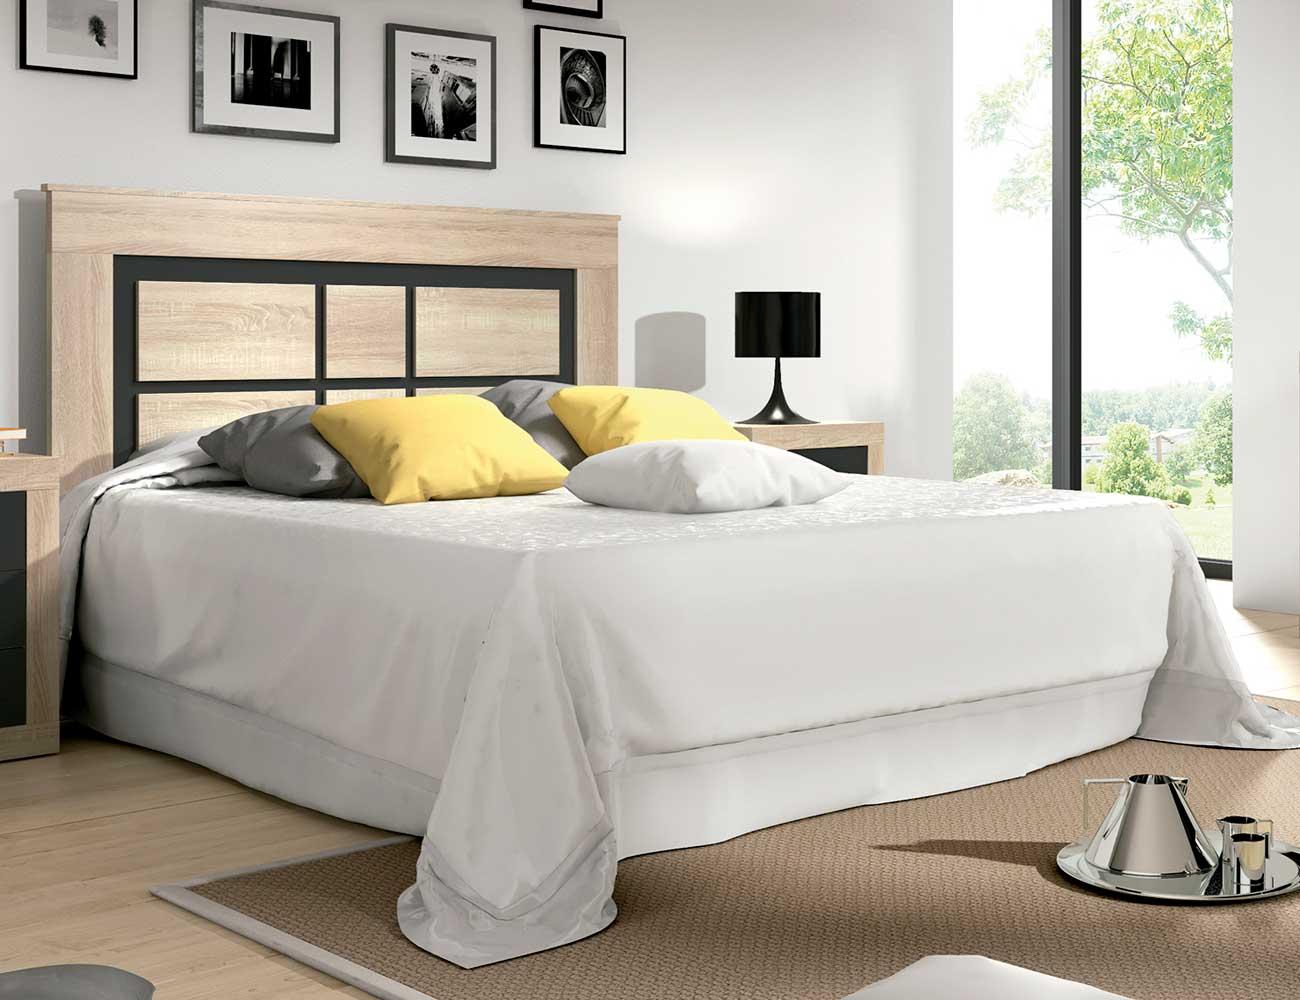 Cabecero matrimonio estilo moderno con patas 160 cm cambrian grafito 2116 factory del mueble - Cabeceros con estilo ...